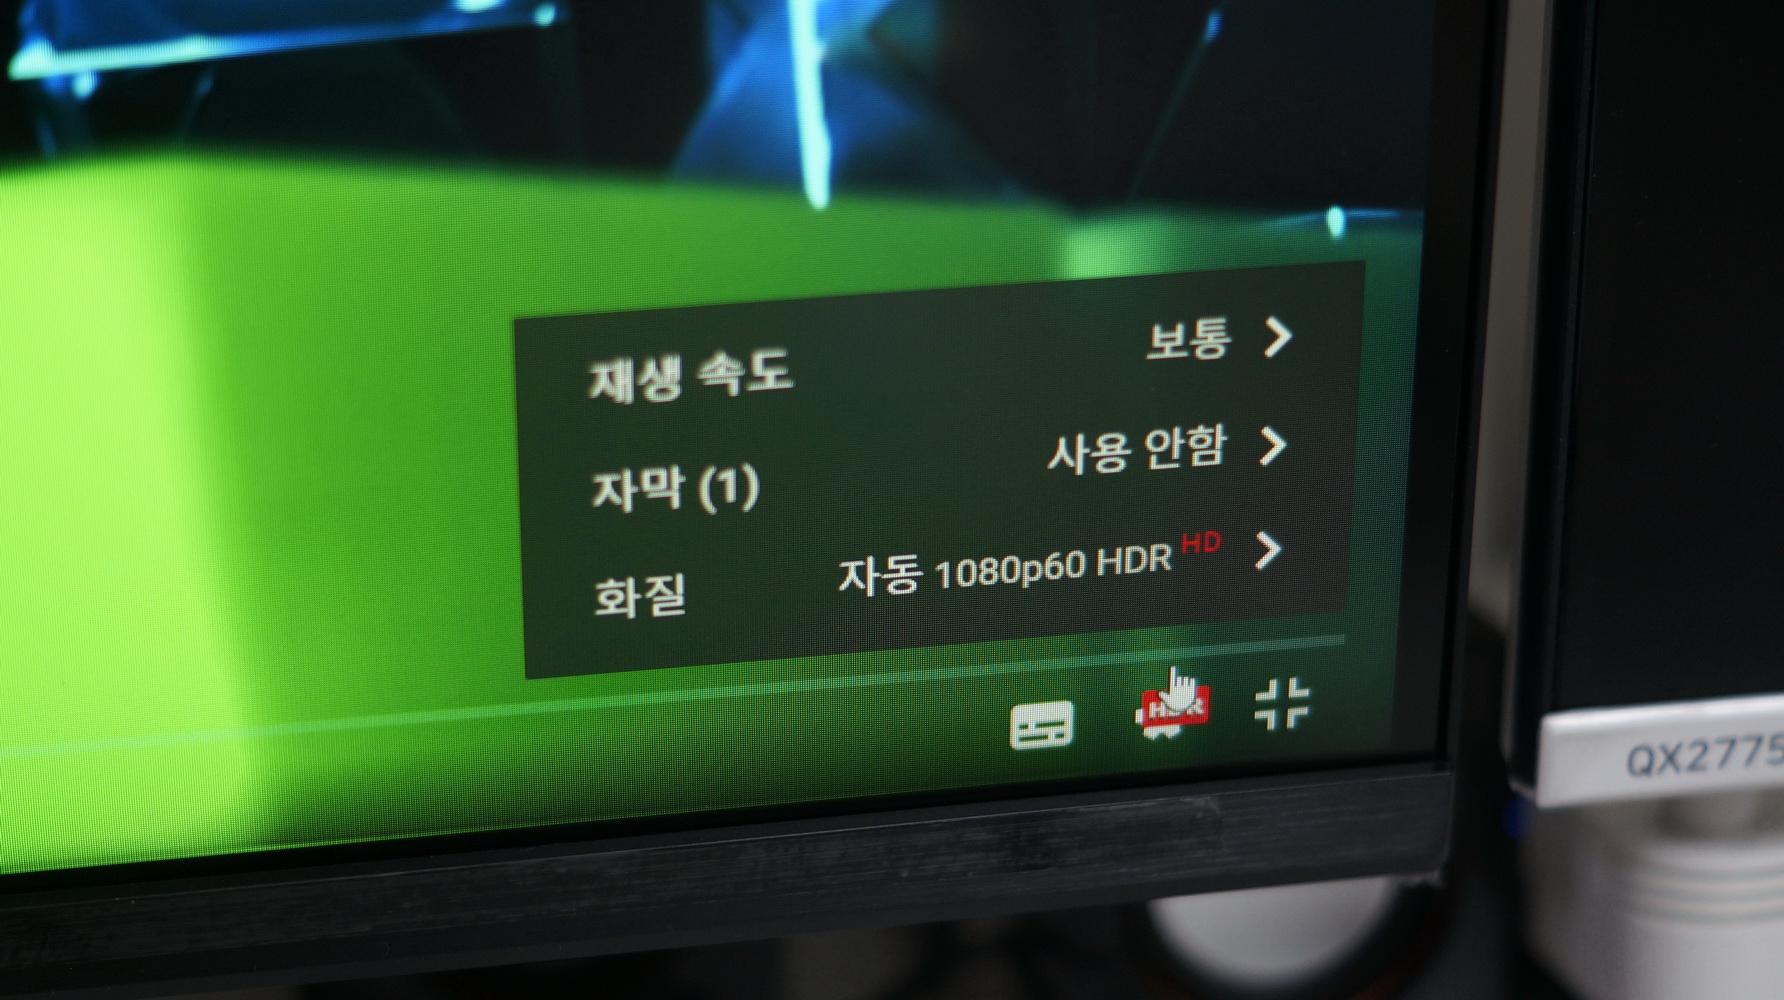 삼성 32인치모니터 QHD모니터 S32A604N 리뷰 사진 11